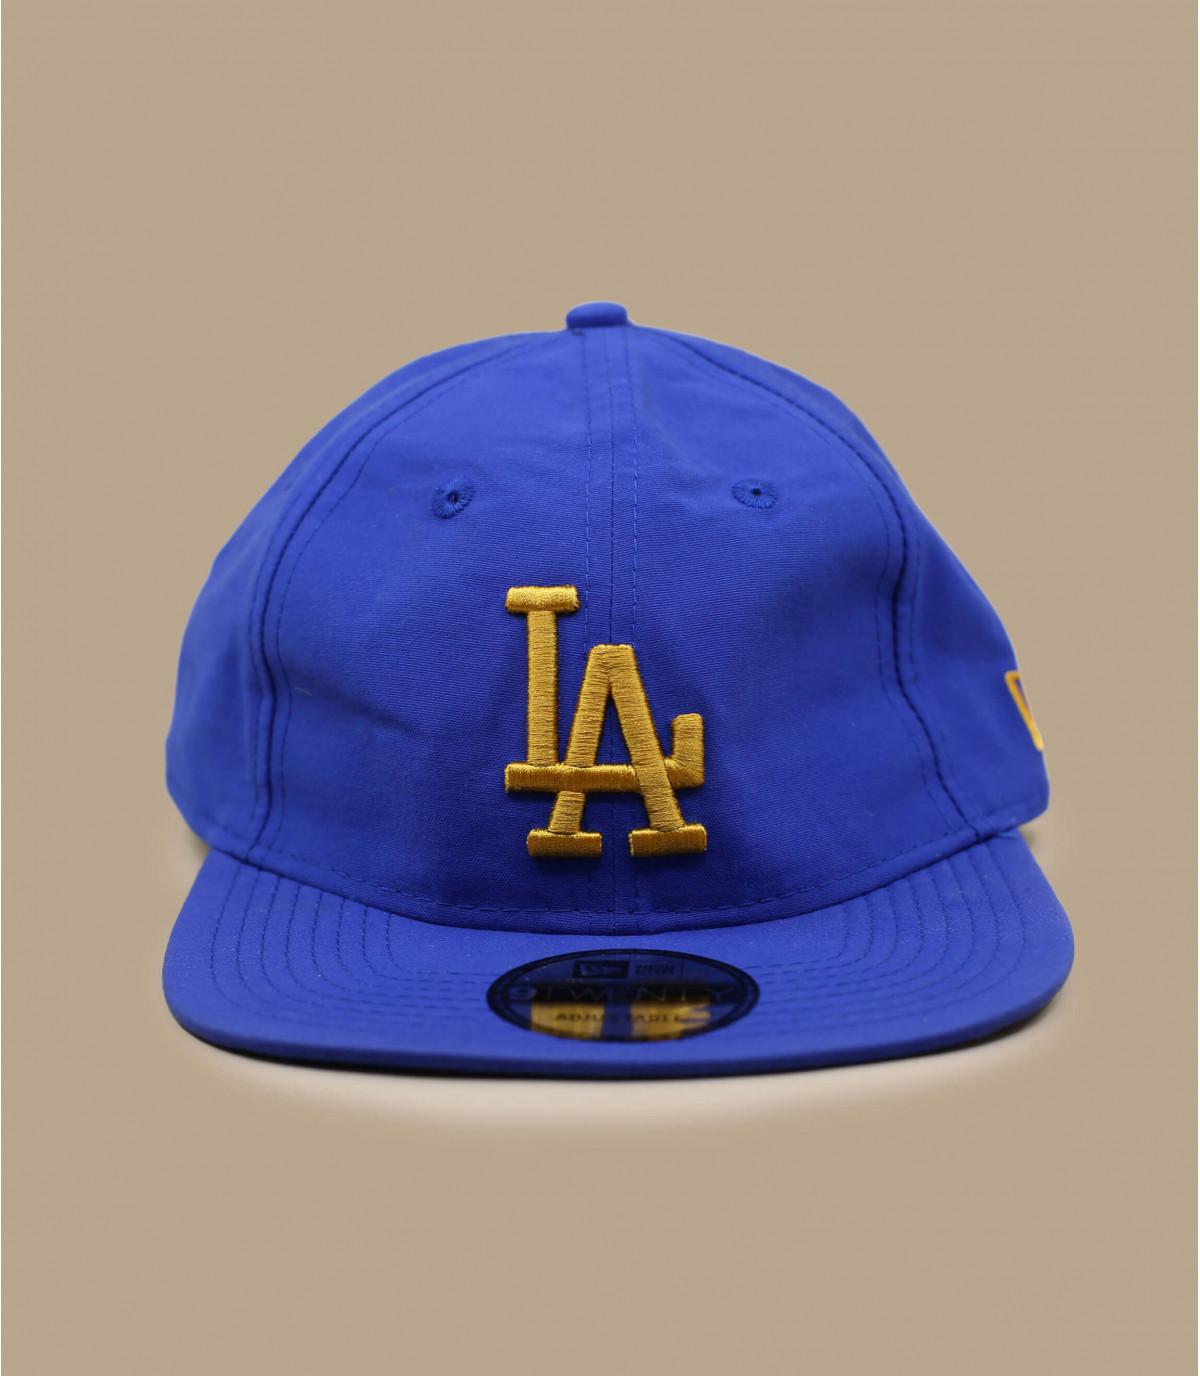 Cappellino blu pieghevole LA